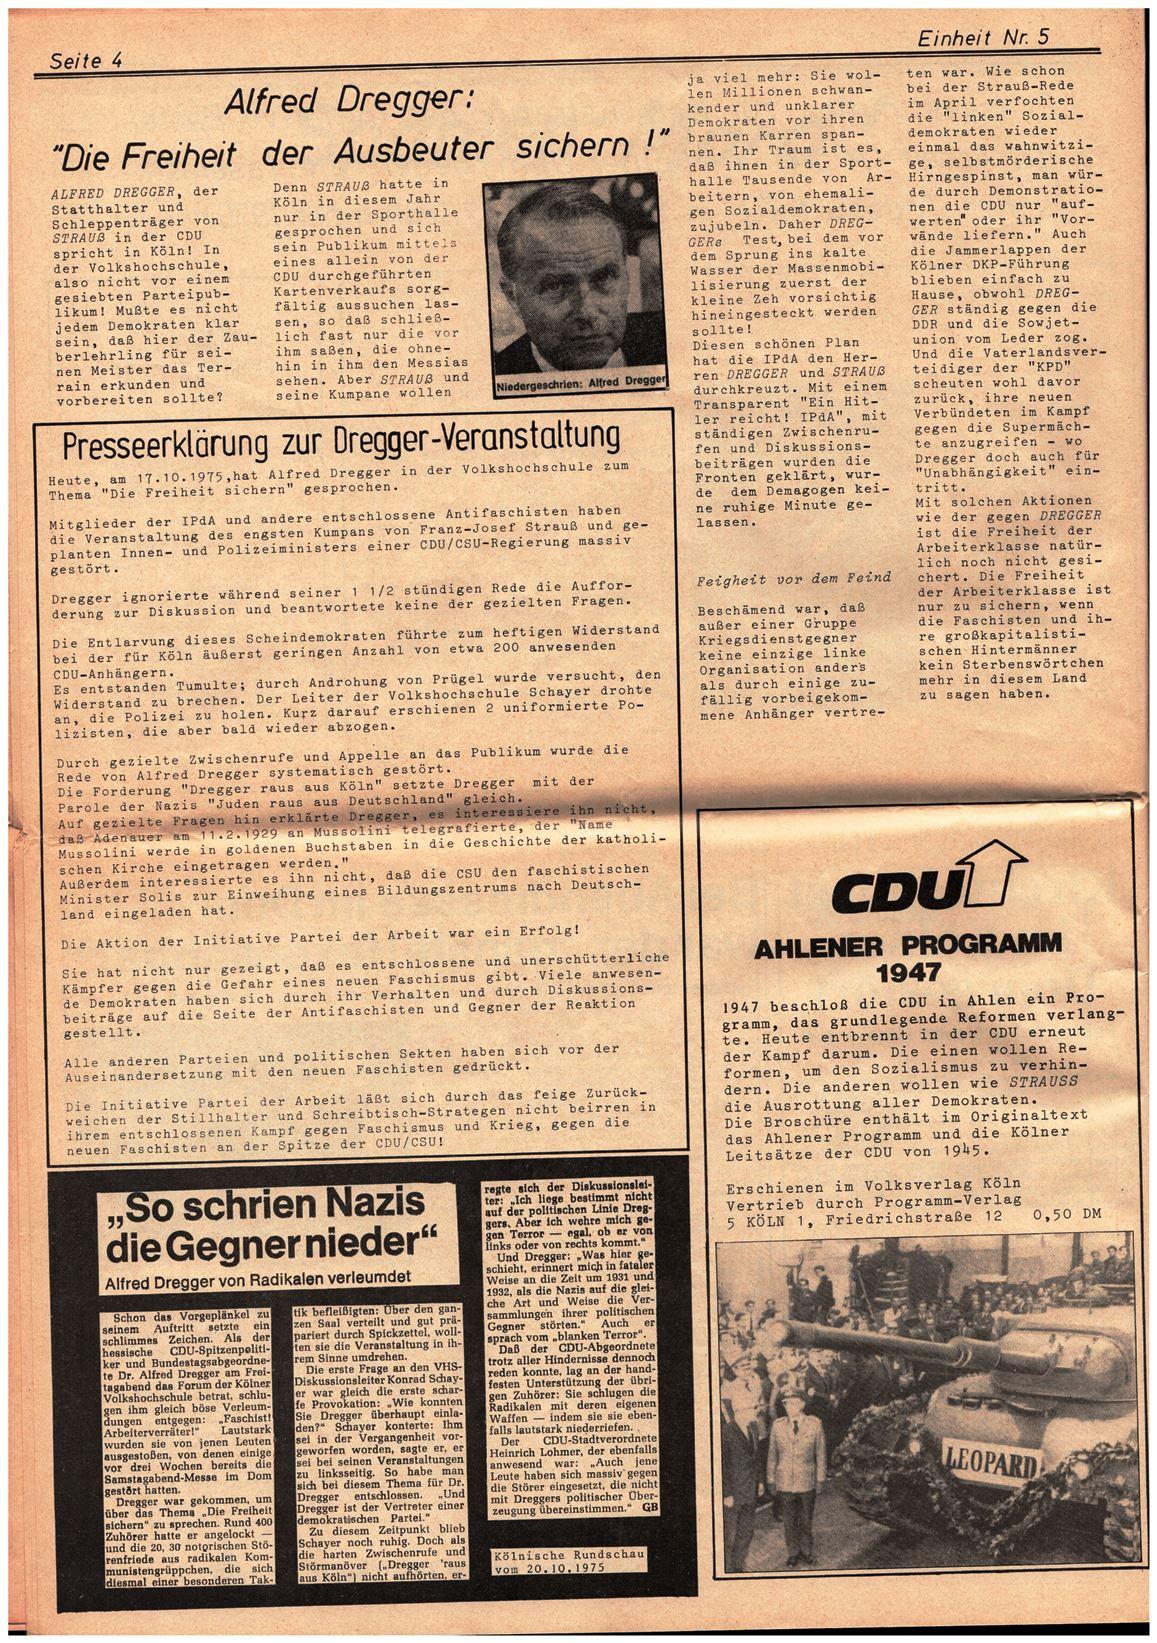 Koeln_IPdA_Einheit_1975_Sonder_004